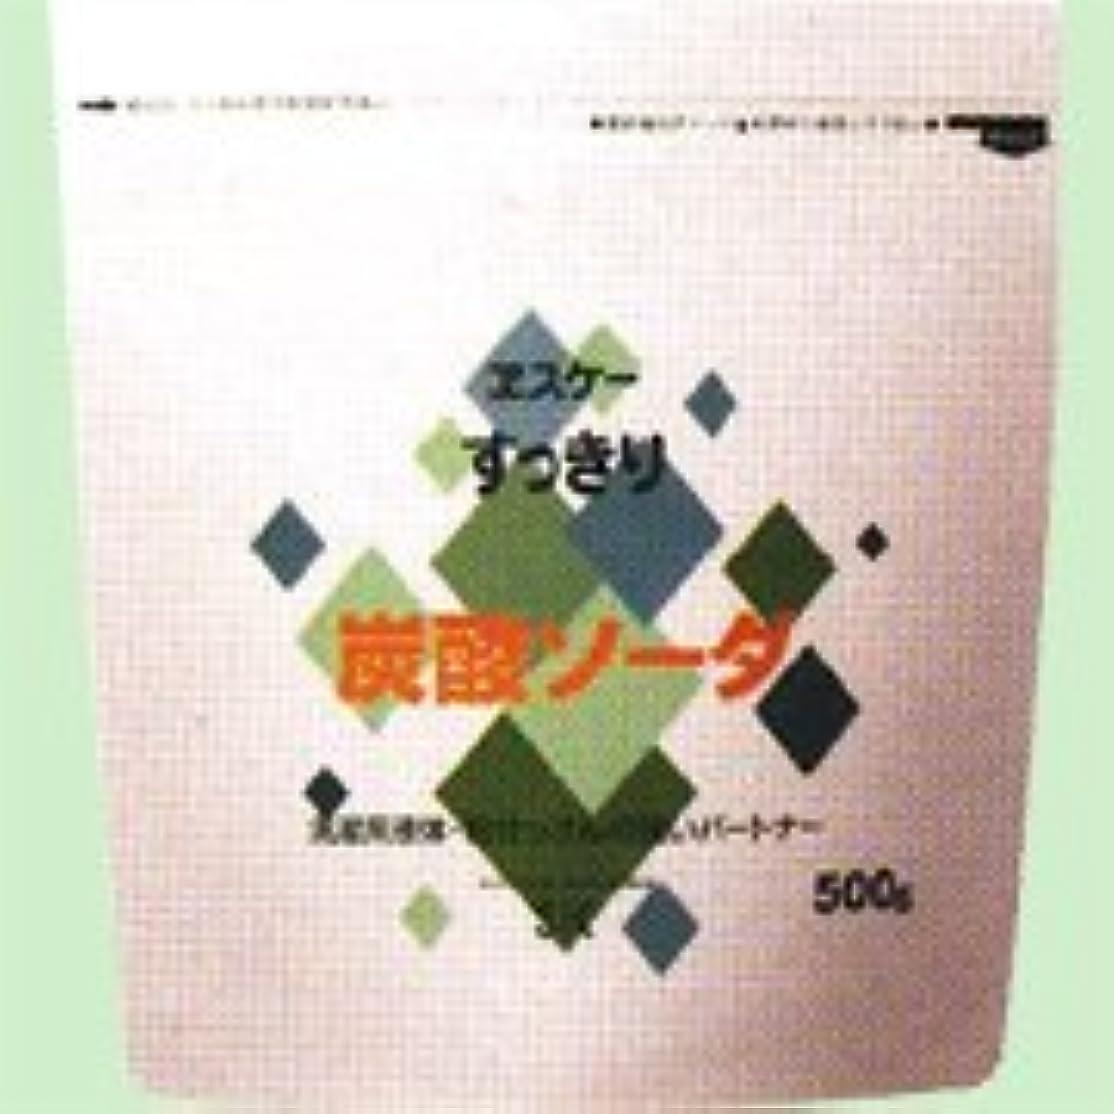 ふくろう泥だらけ交換すっきり炭酸ソーダ 500g   エスケー石鹸